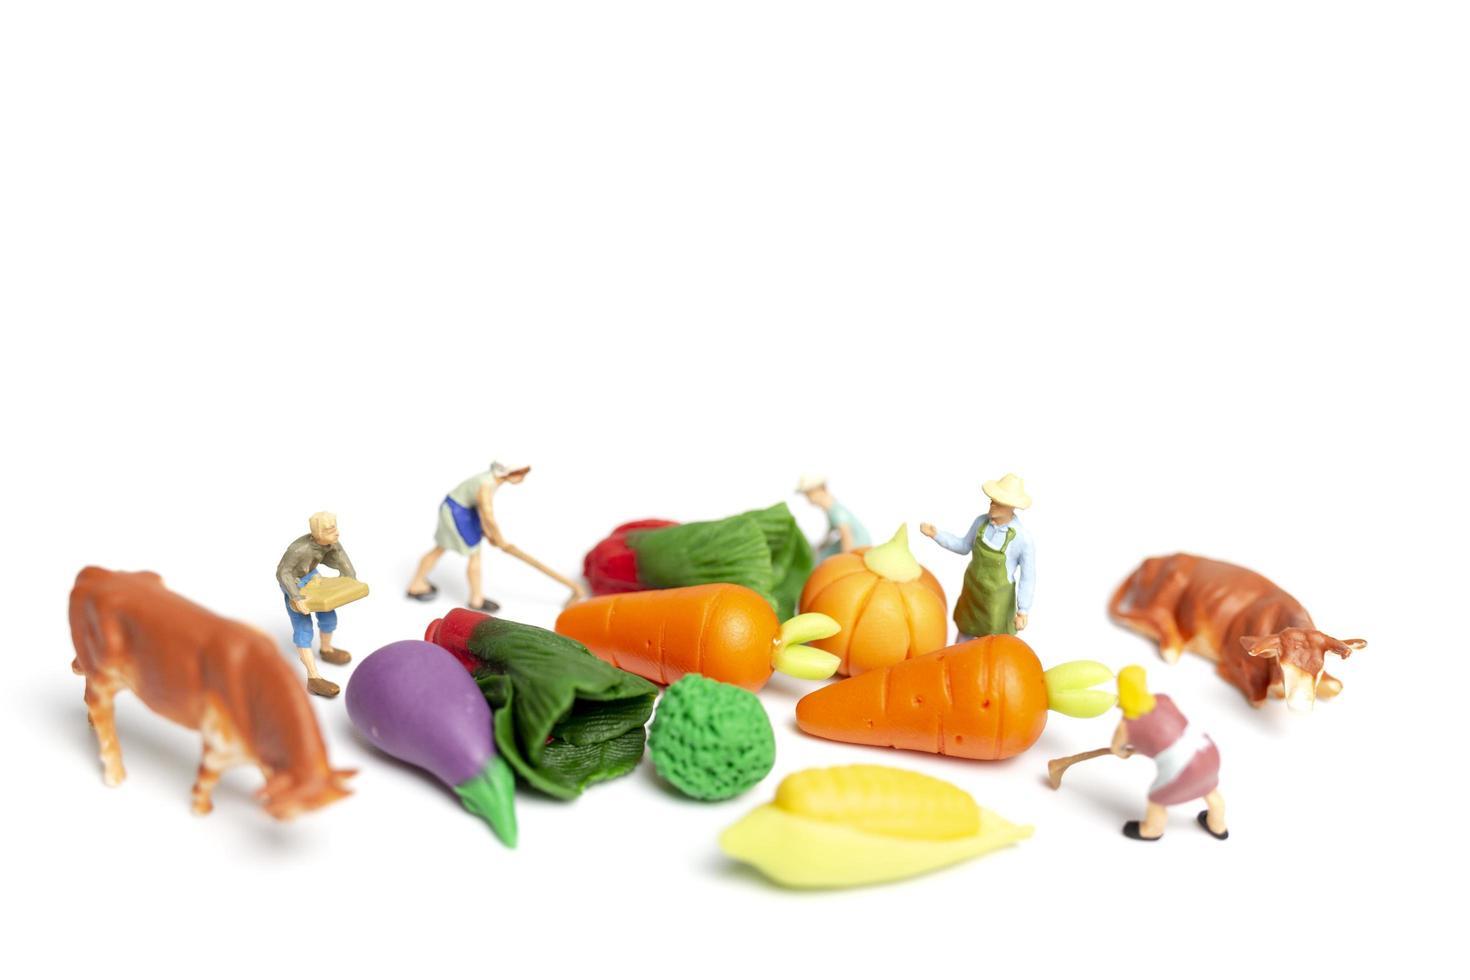 Miniaturgärtner, die Gemüse auf einem weißen Hintergrund, Landwirtschaftskonzept ernten foto